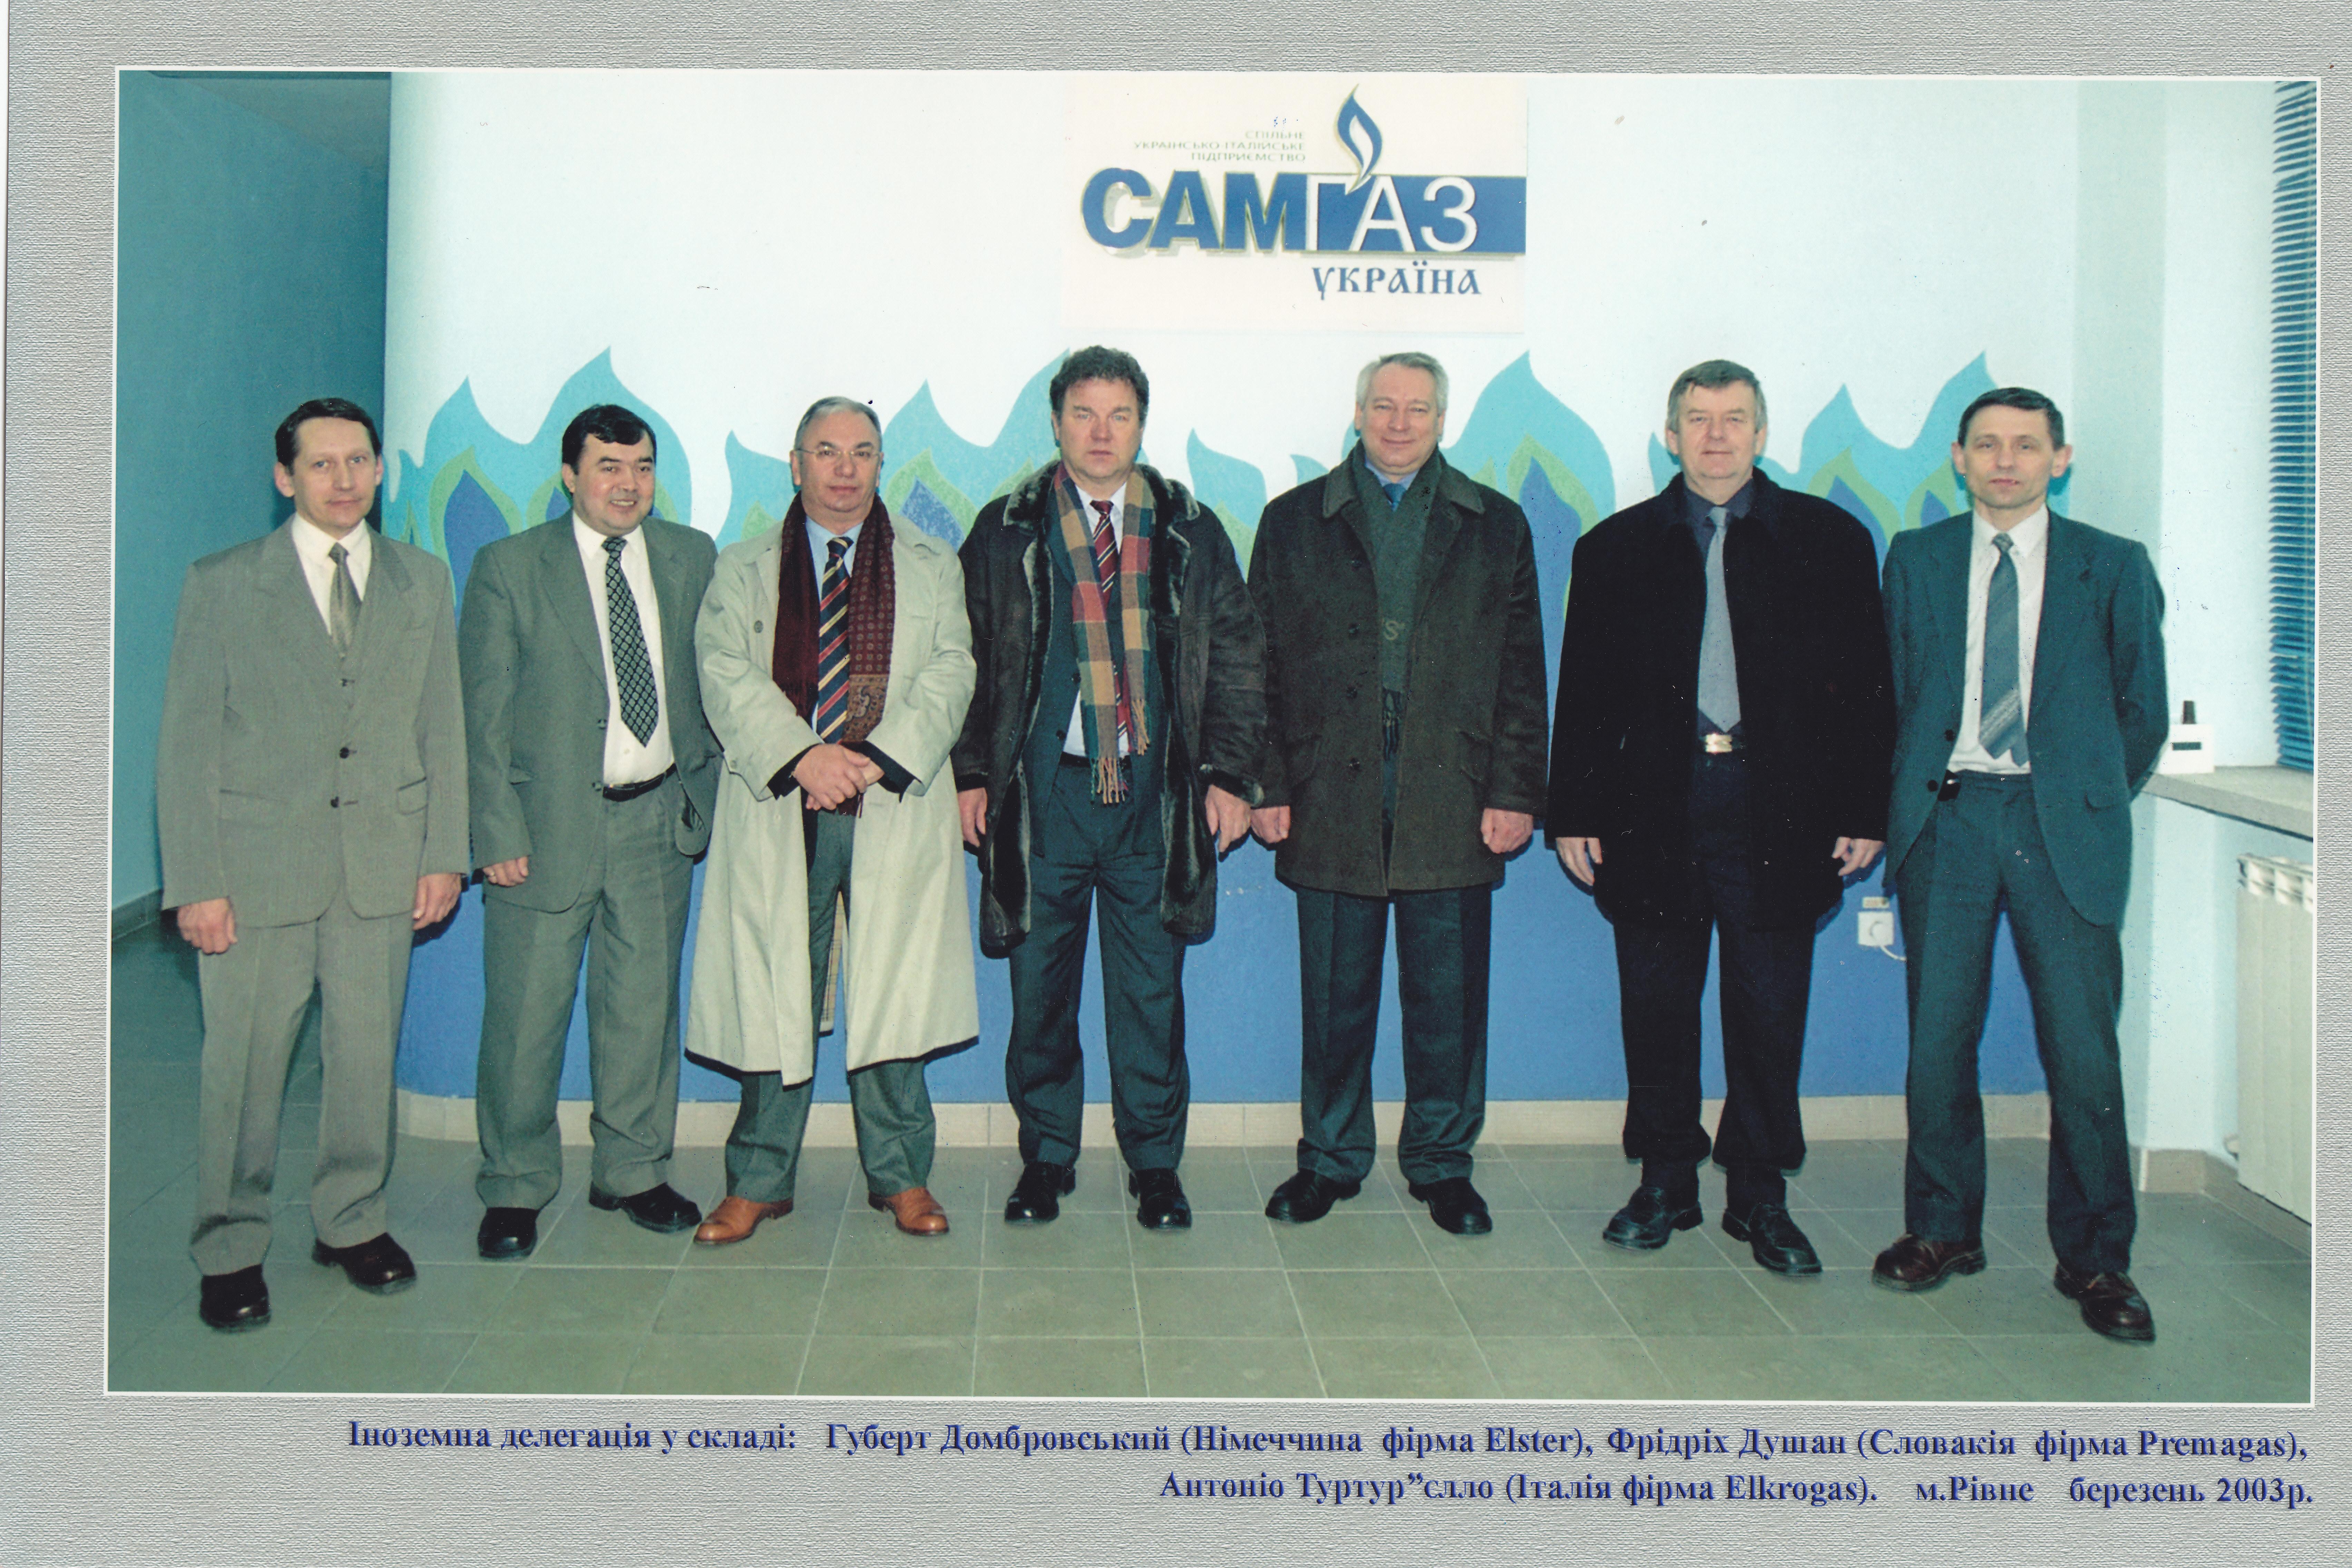 Посещение предприятия руководством компании Elster Германия 2003 2003